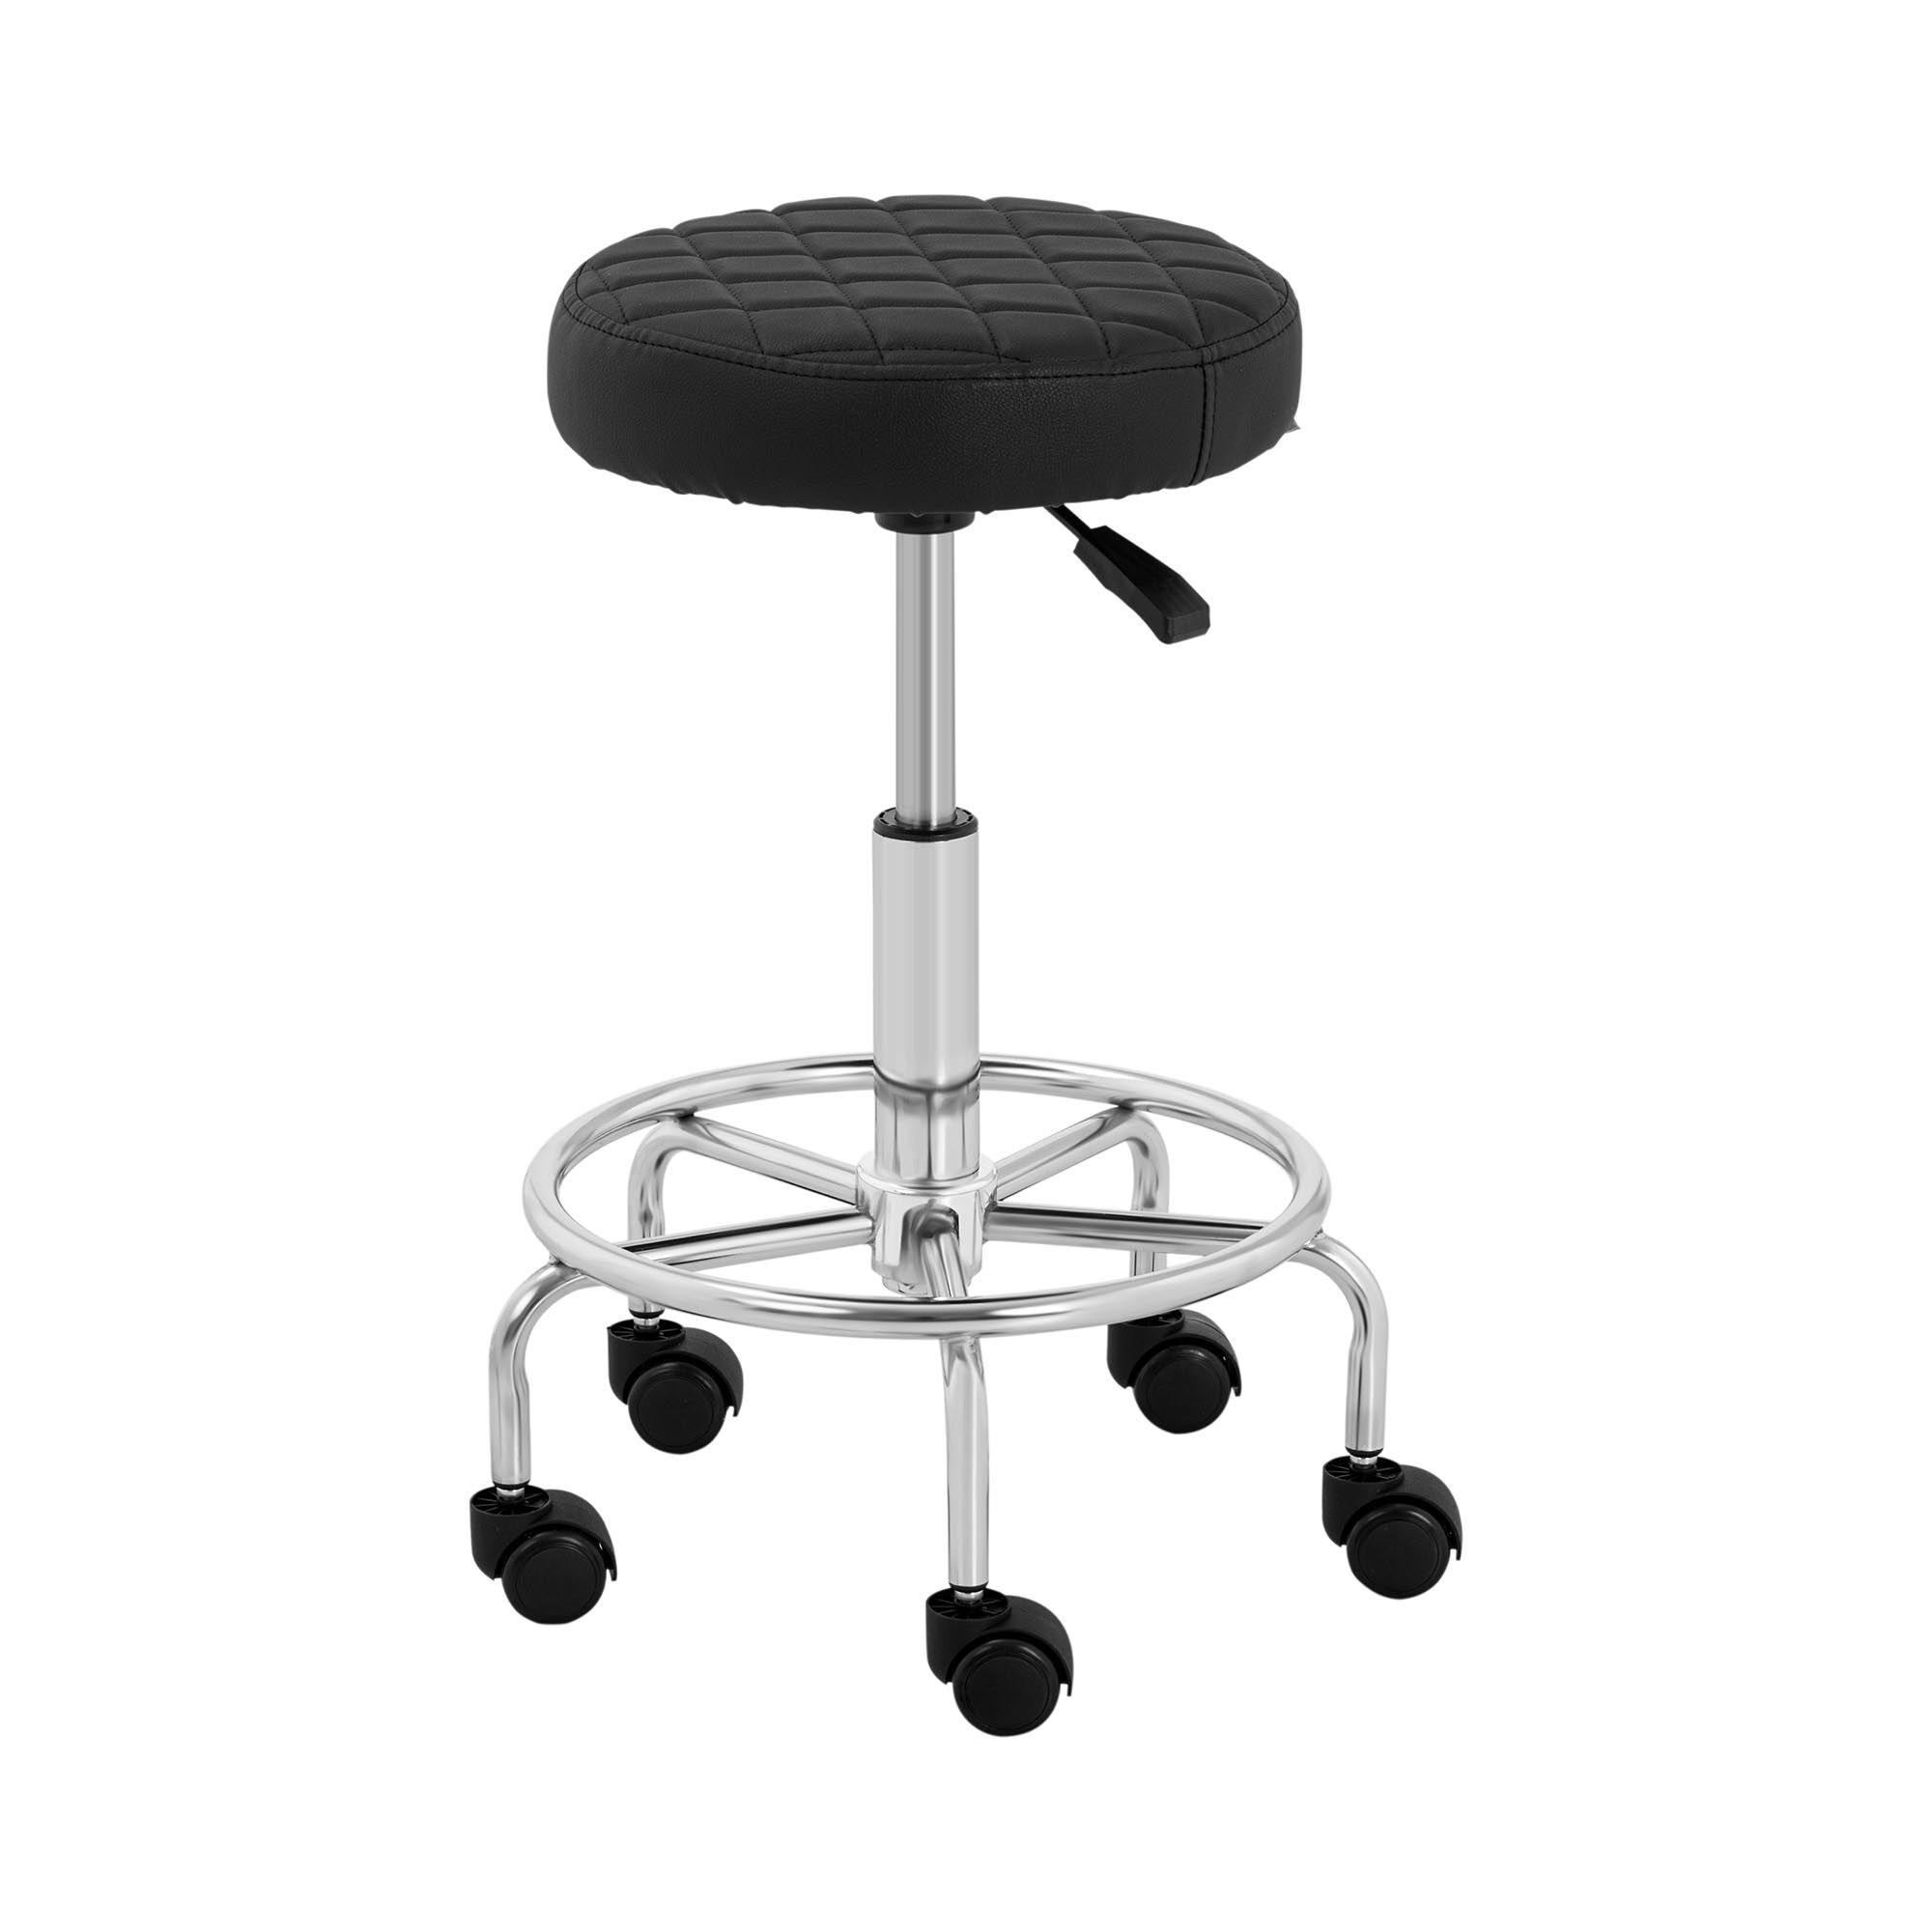 physa sgabello regolabile in altezza per estetista, pedicure e parrucchieri - con rotelle e seduta rotonda  stuttgart black